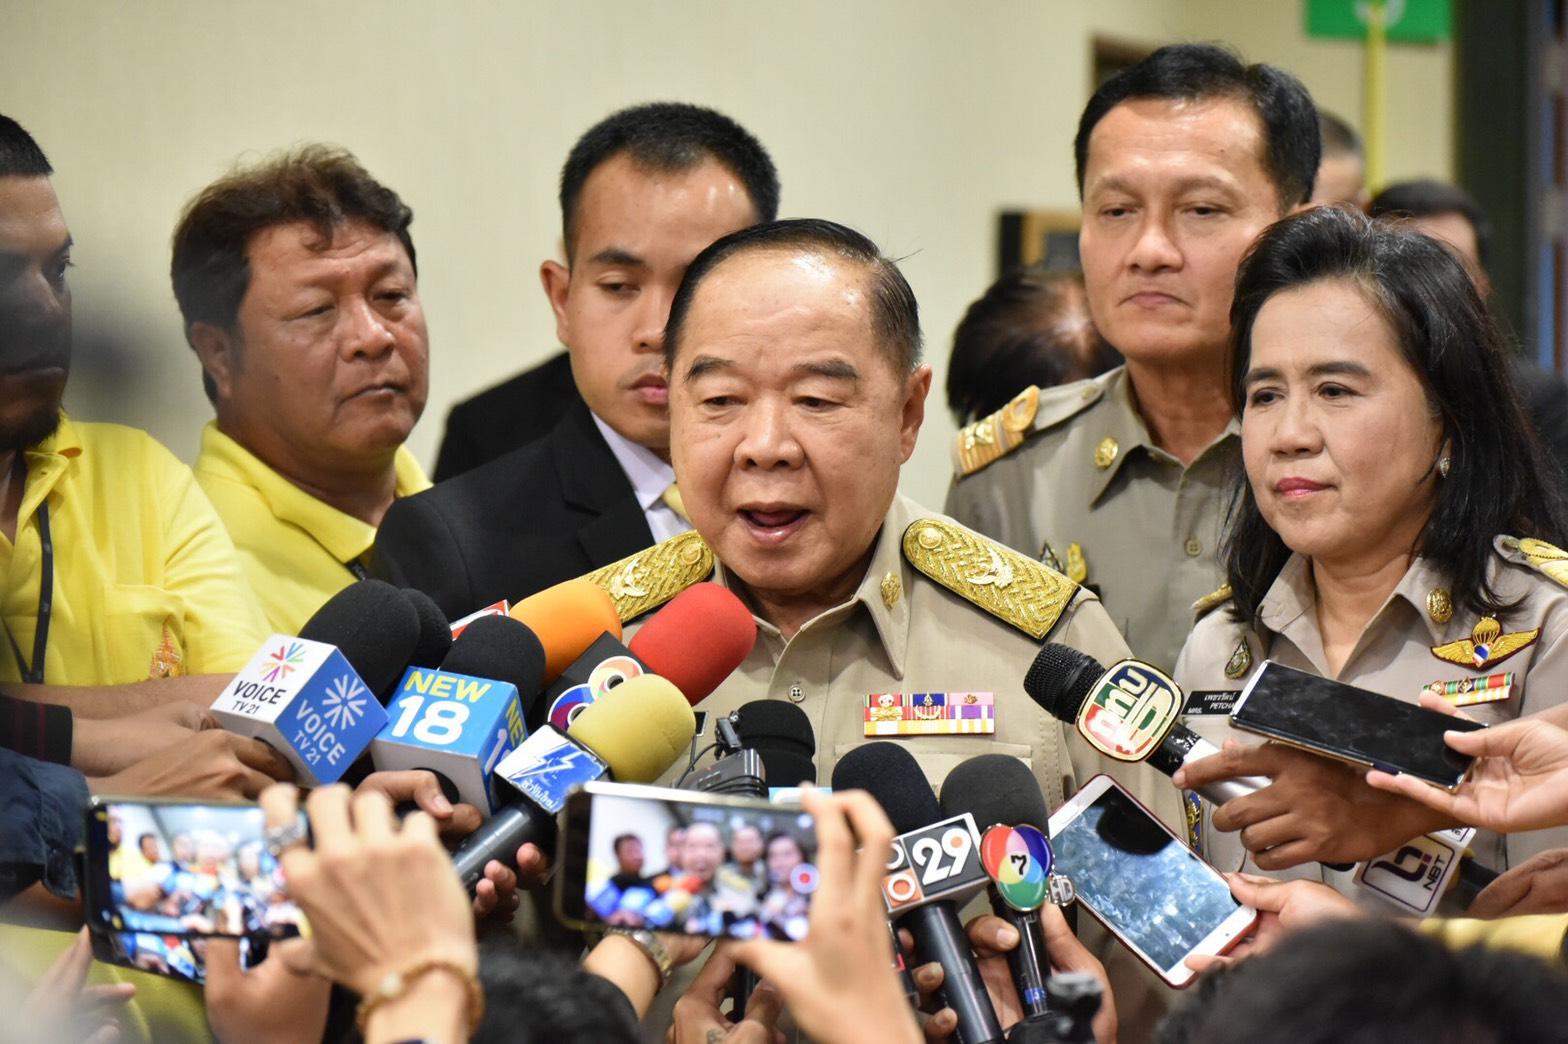 ที่ประชุมคณะกรรมการนโยบายการบริหารจัดการการทำงานของคนต่างด้าว เห็นชอบให้แรงงานกัมพูชา ลาว เมียนมาฯ